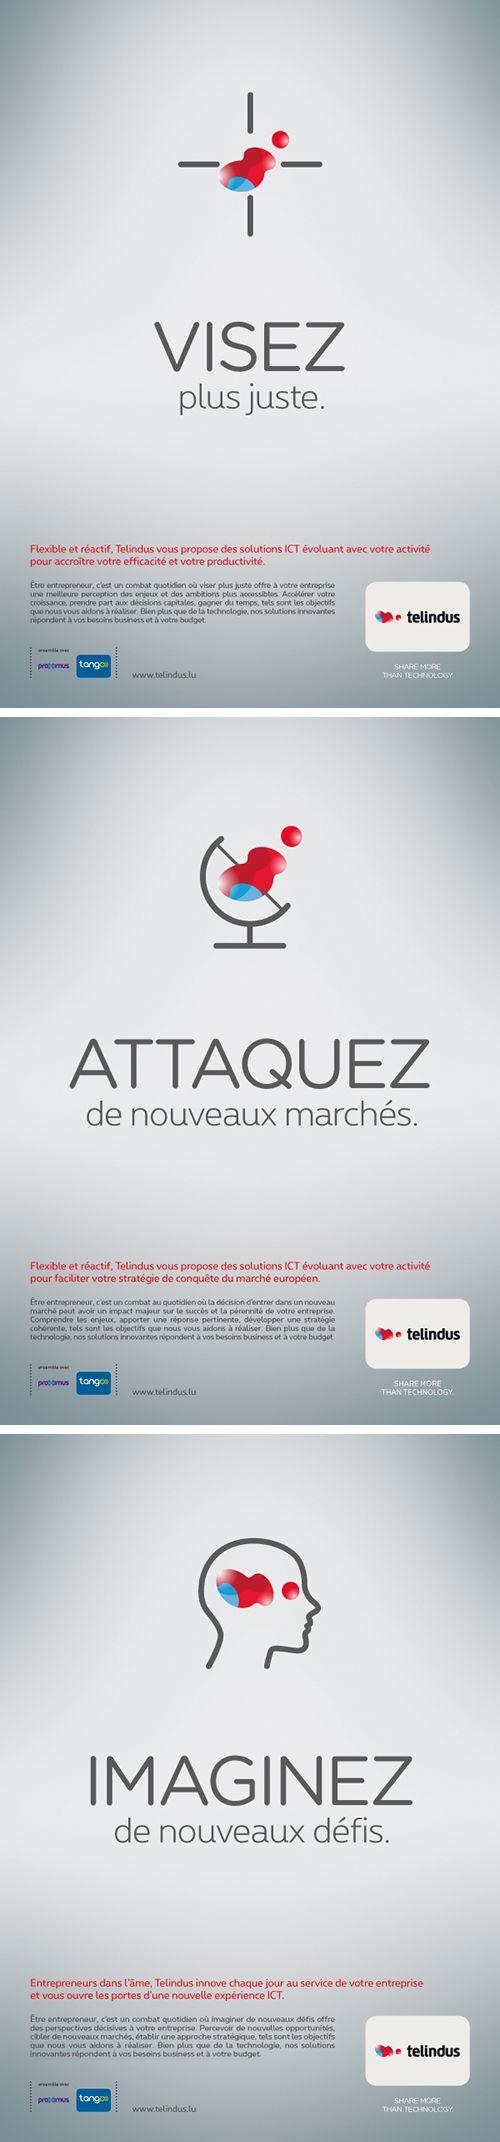 Annonceur : Telindus Campagne : Corporate 2016 Agence : Concept Factory Publiation : 4eme trimestre 2015